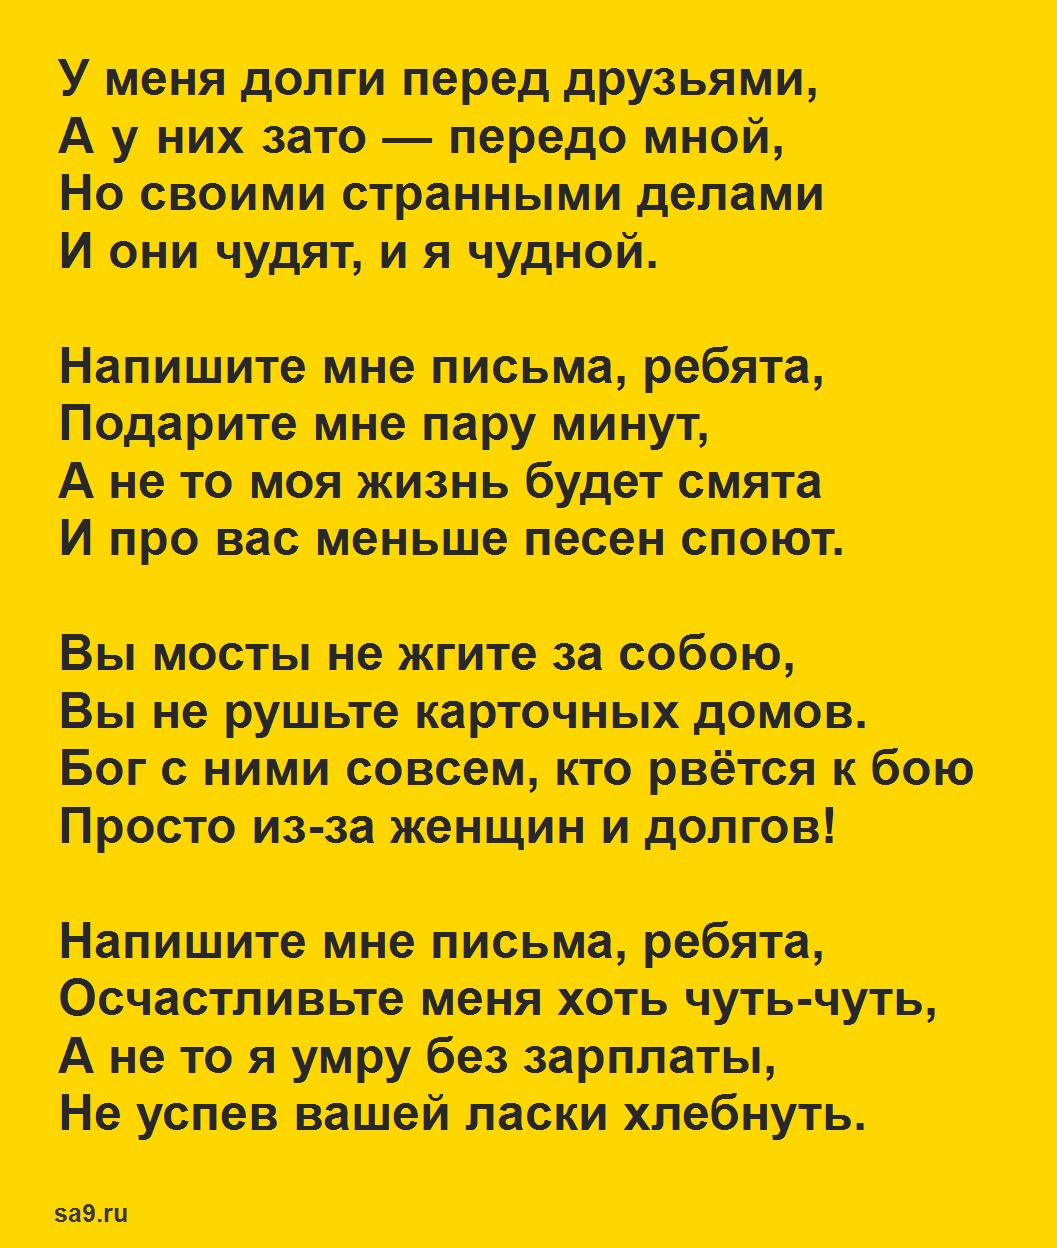 Стихи Высоцкого о дружбе - У меня долги перед друзьями